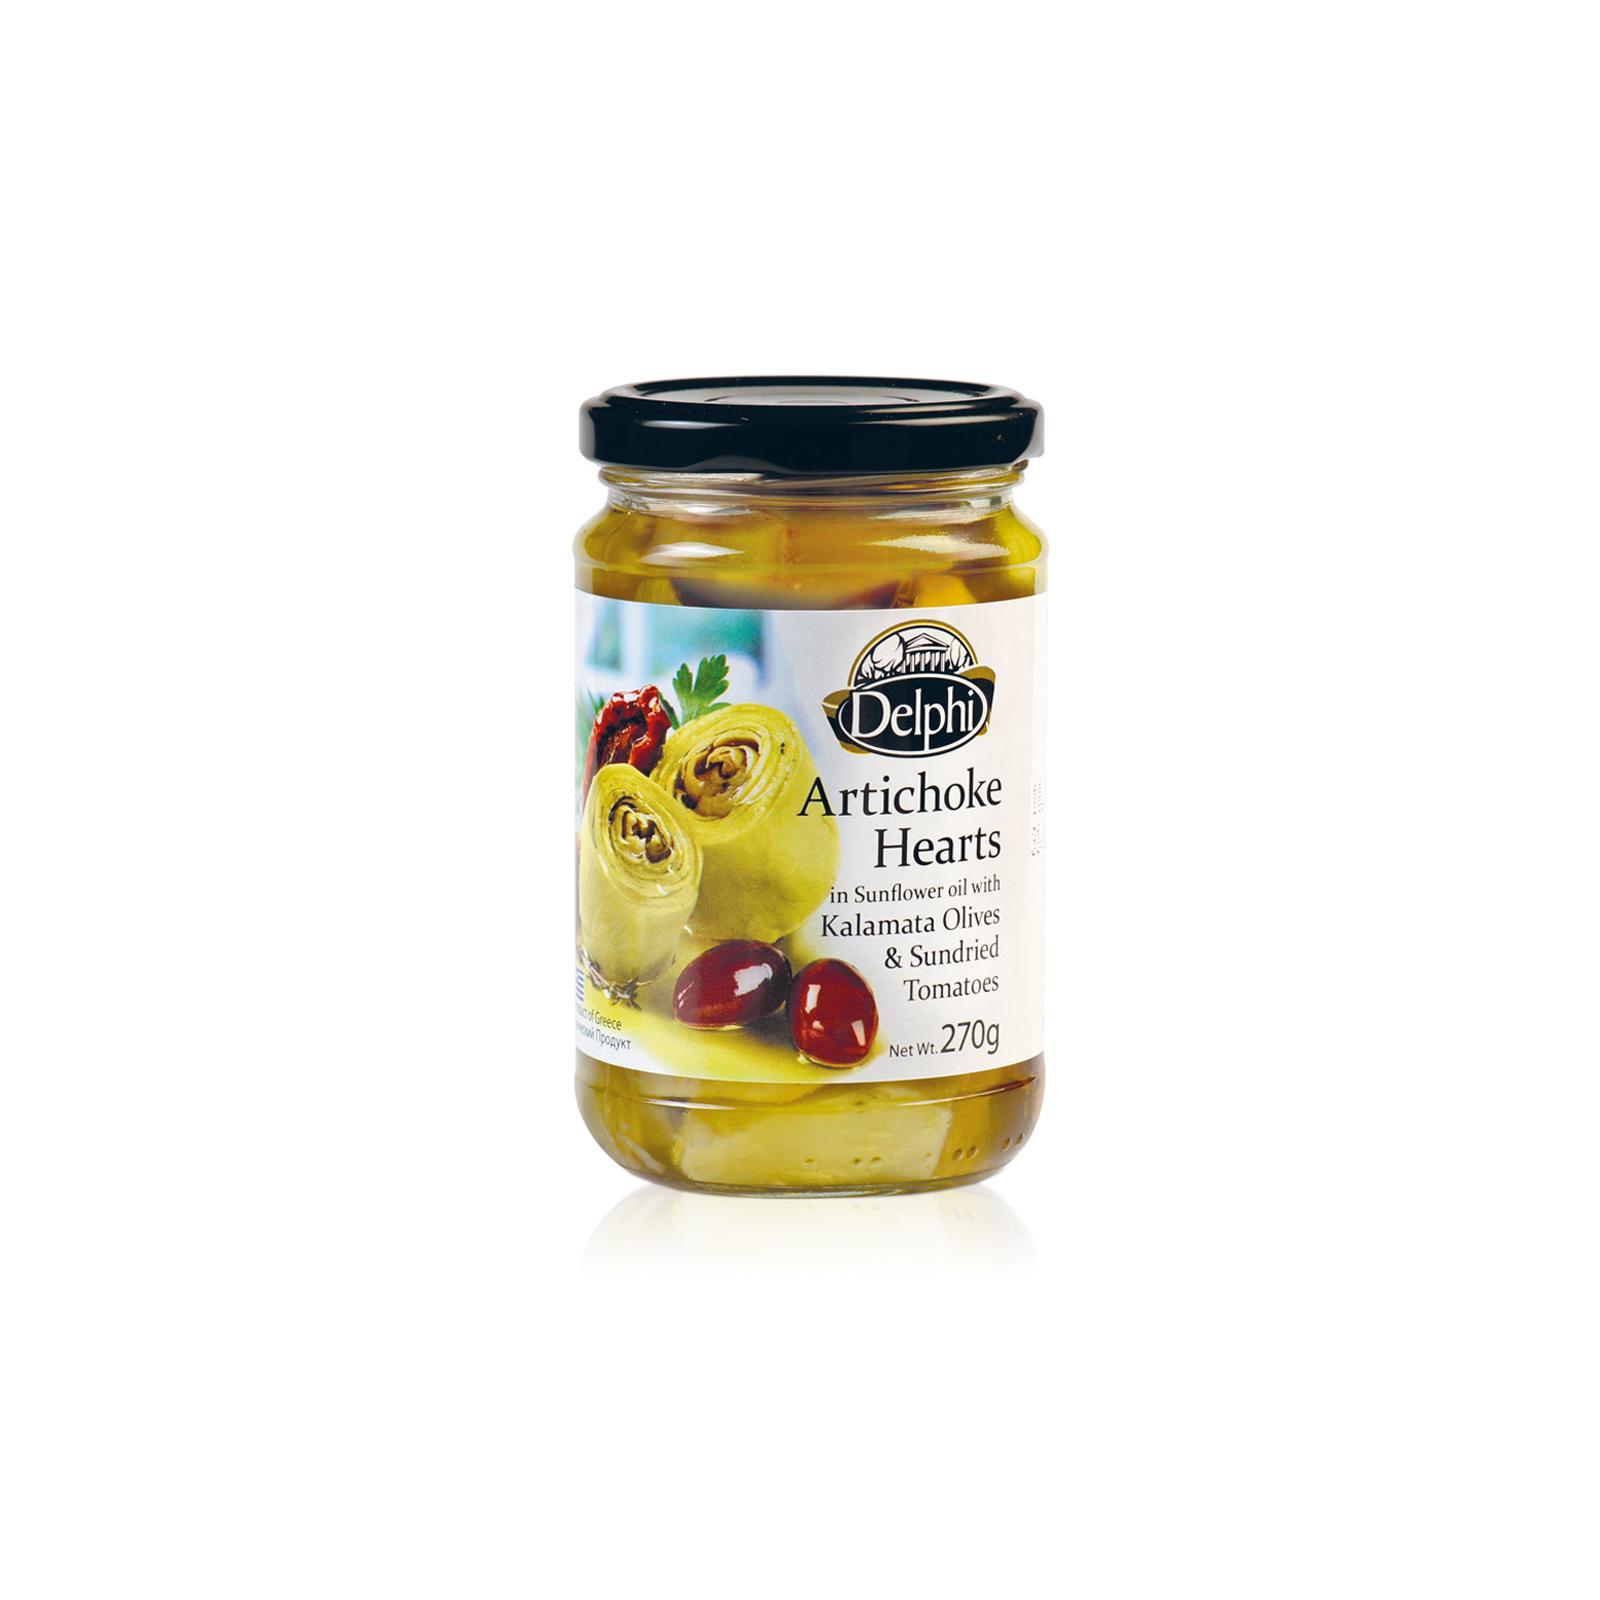 Артишоки в подсолнечном масле с сушеными томатами и маслинами Каламата DELPHI 270г